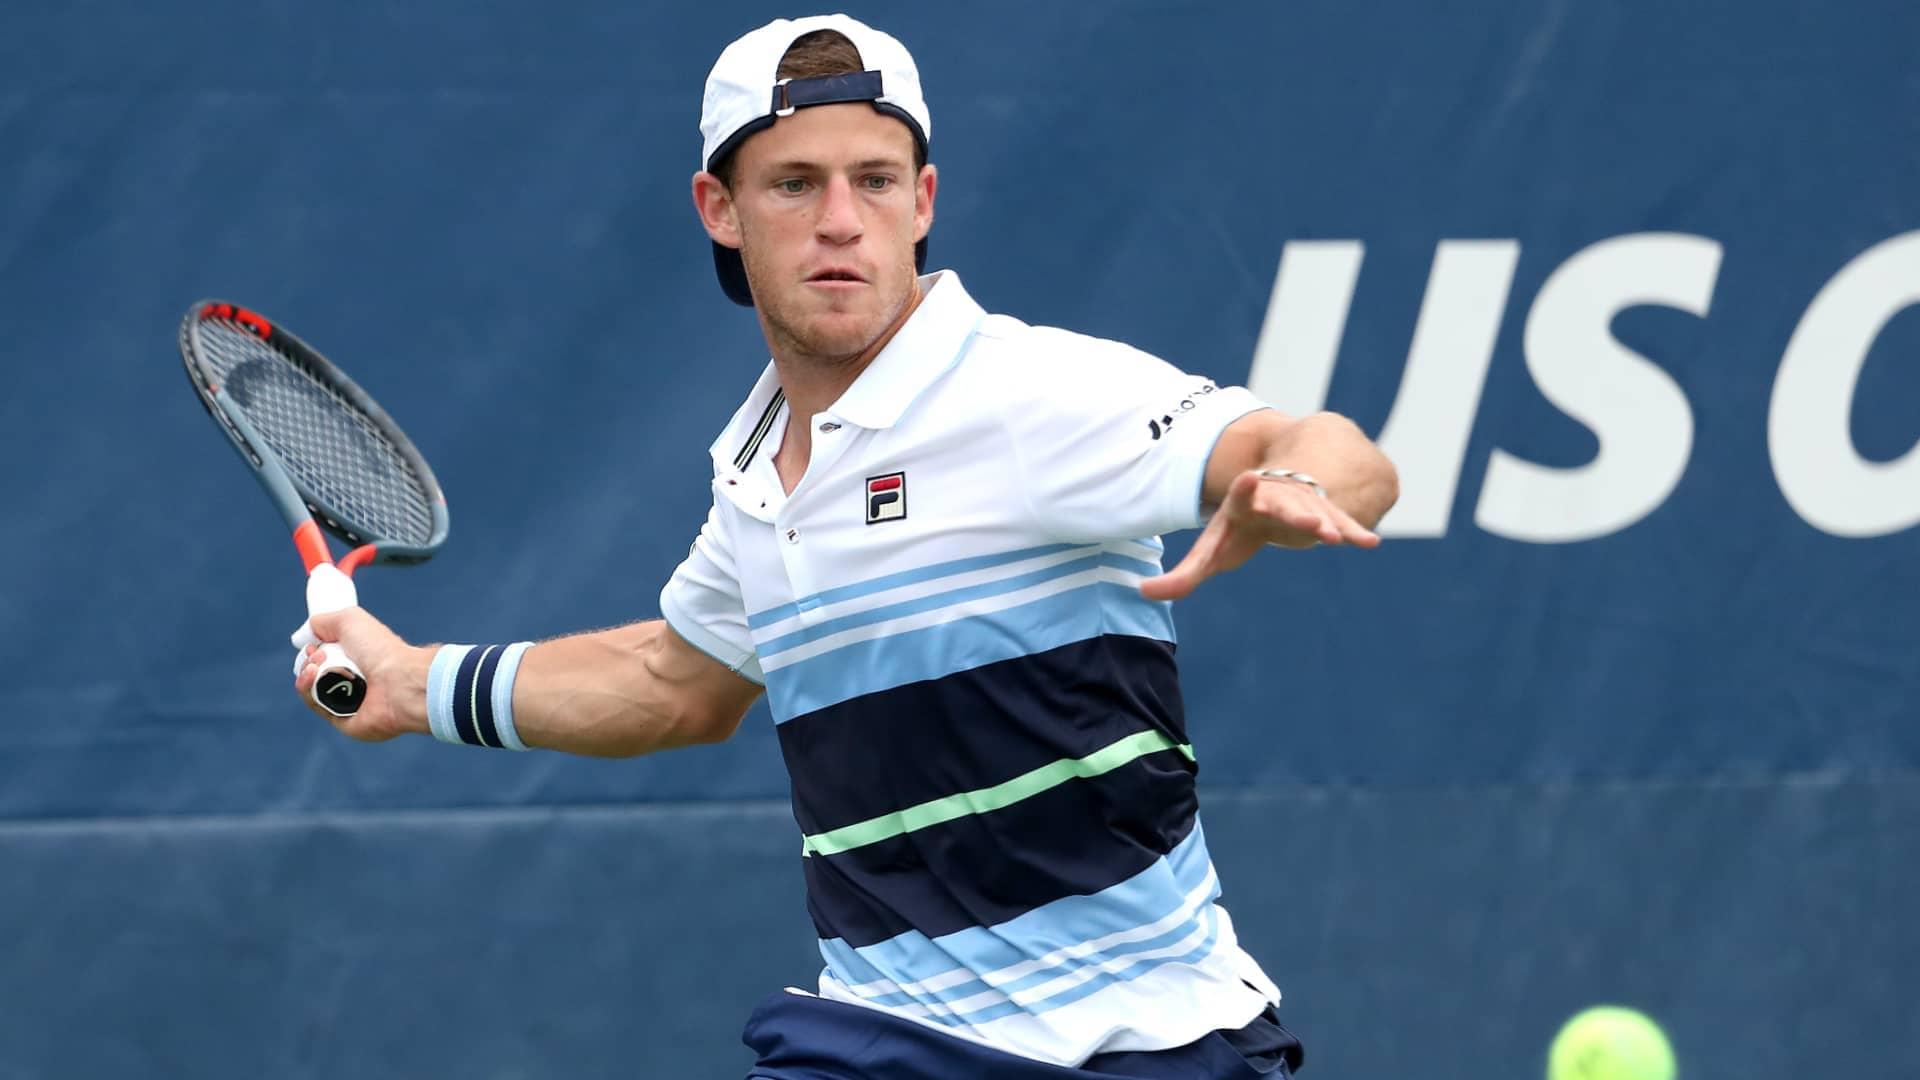 US Open Tennis Diego Schwartzman U0026 39 S Latest Achievement